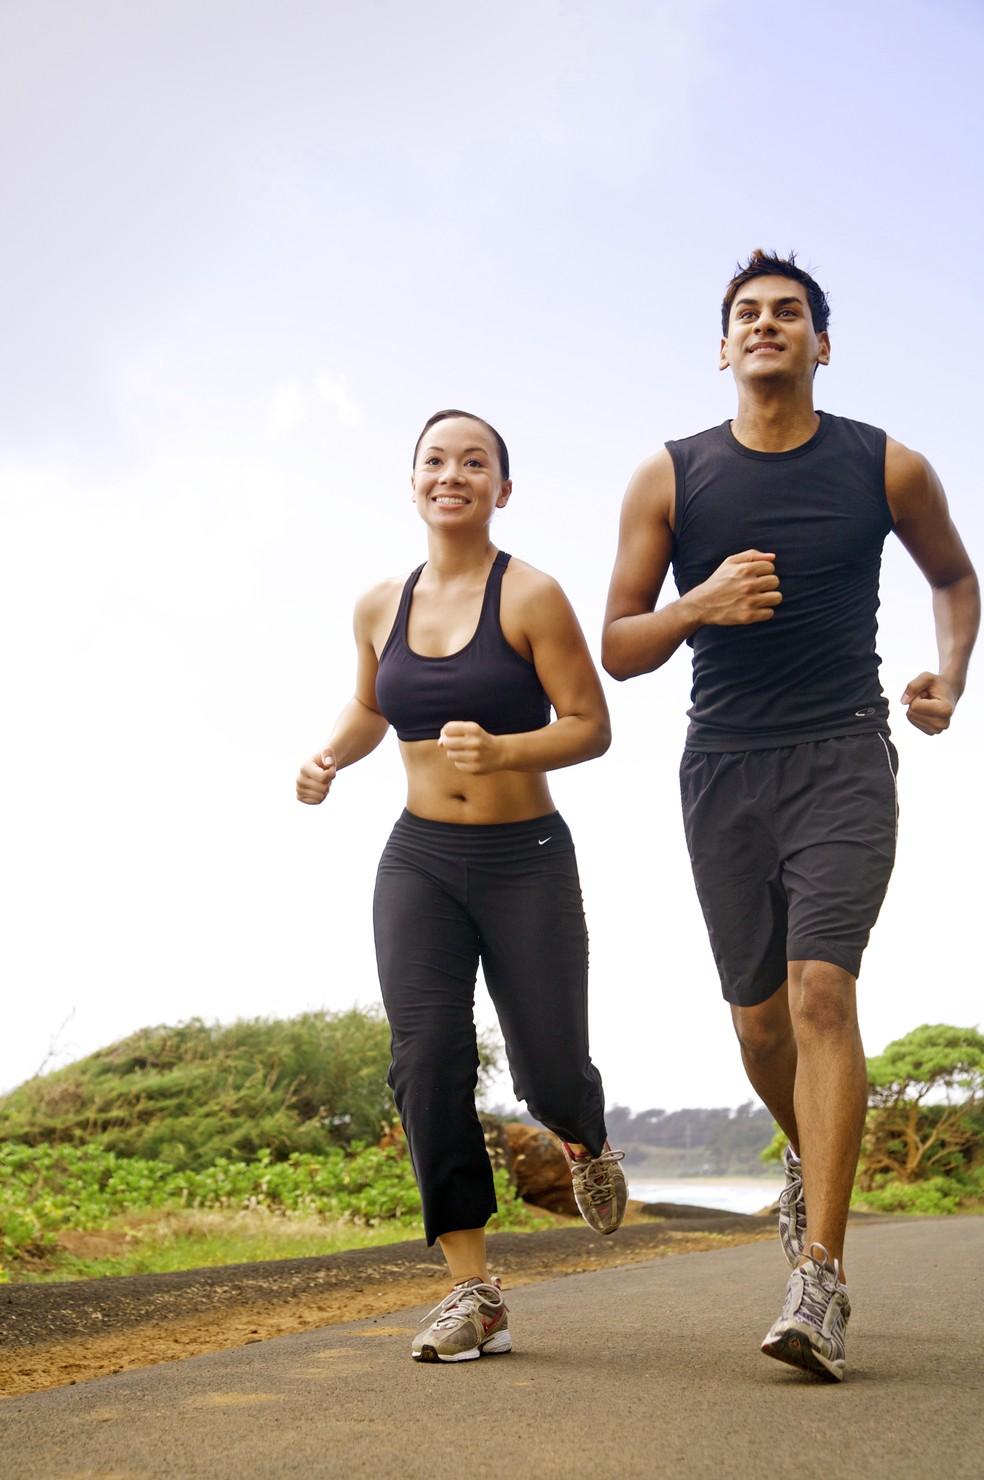 Corrida de recuperação vai ajudar a te deixar mais alerta para o próximo treino duro (Foto: Getty Images)